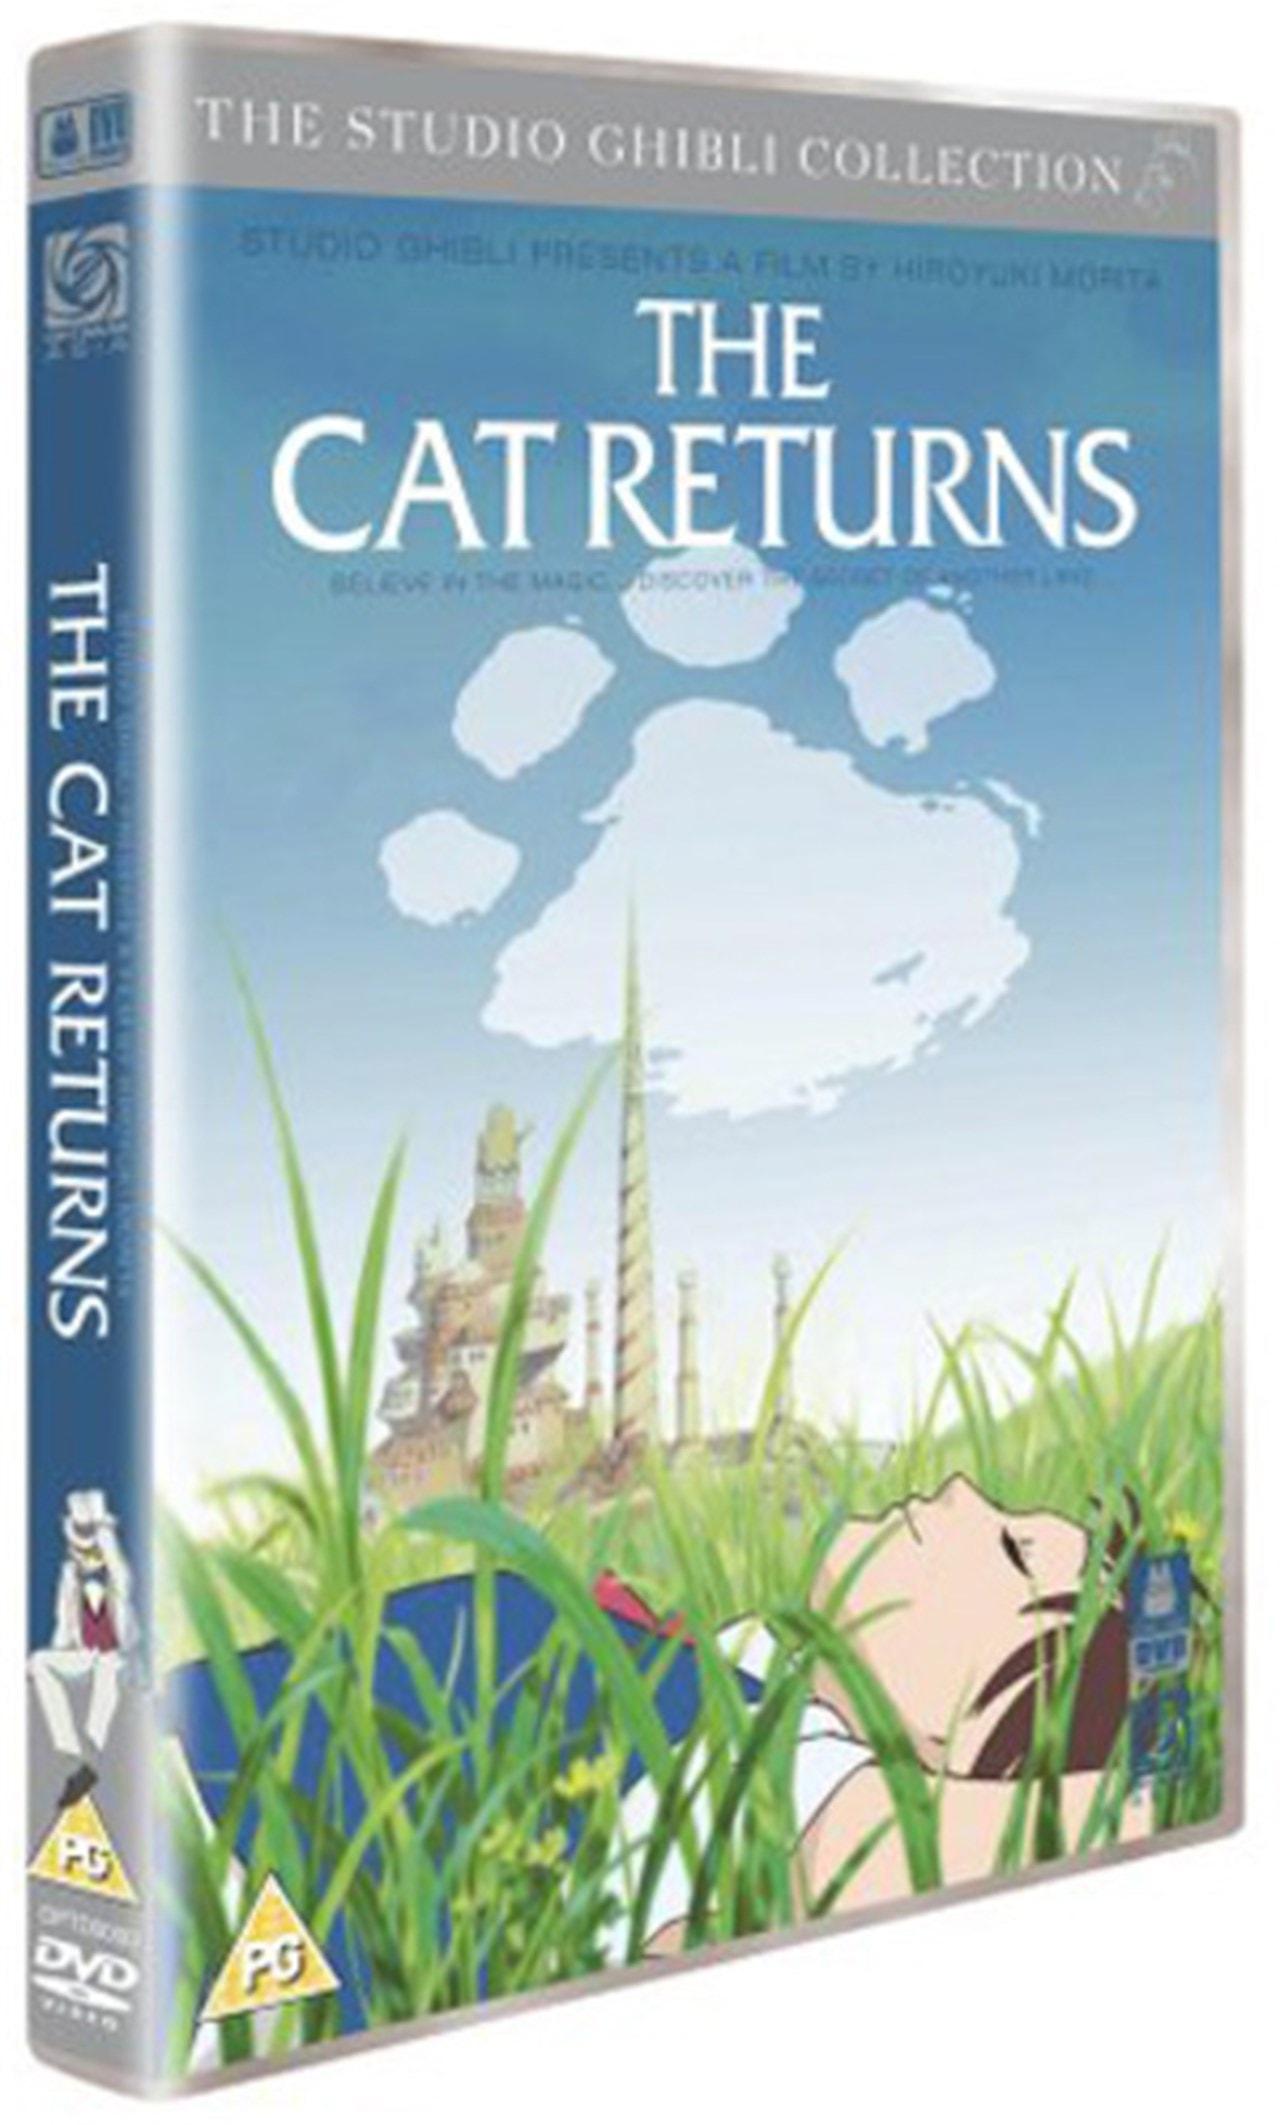 The Cat Returns - 1